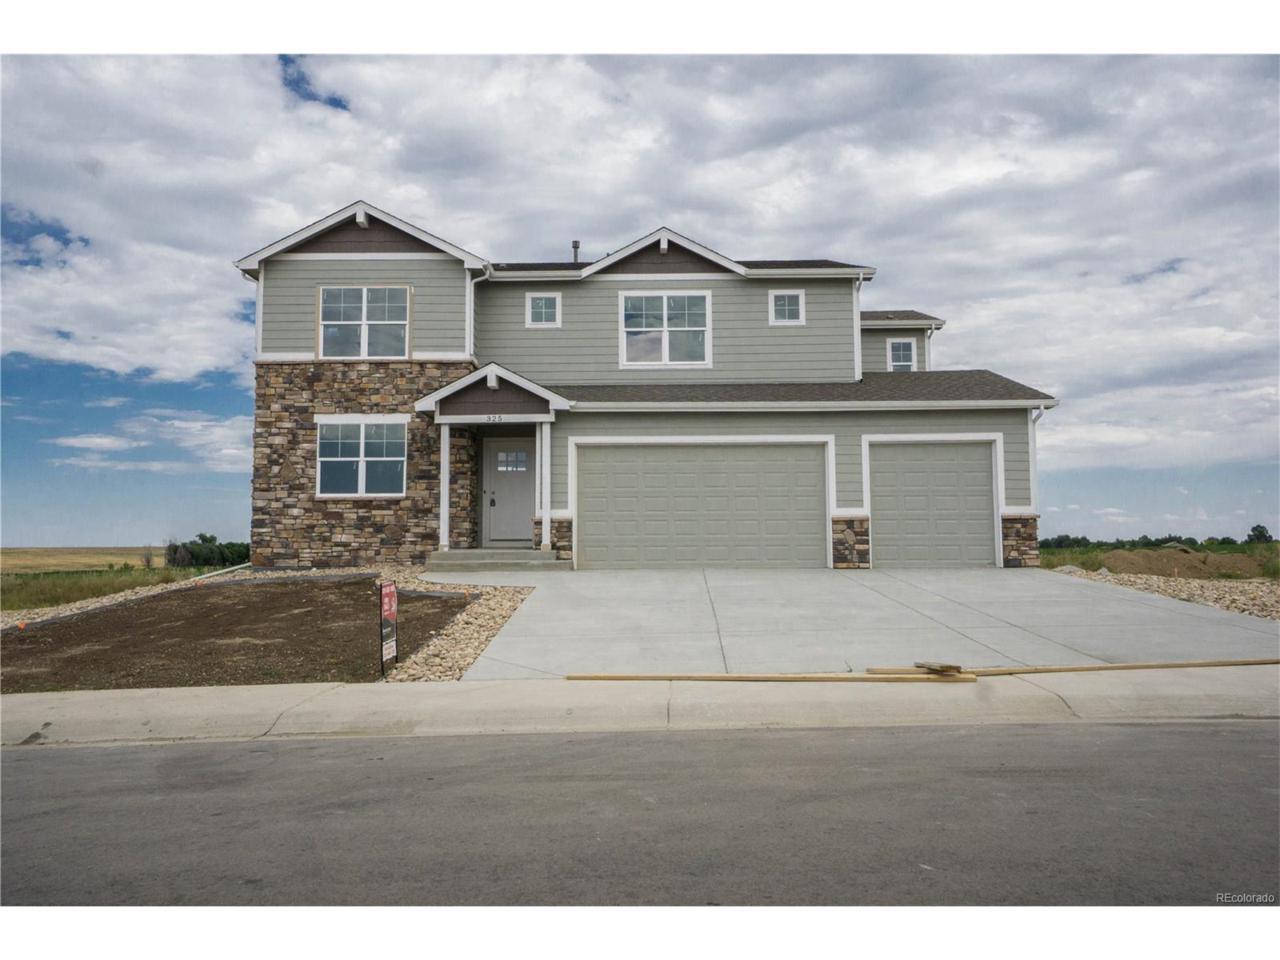 325 Mcgregor Lane, Johnstown, CO 80534 (MLS #4430764) :: 8z Real Estate